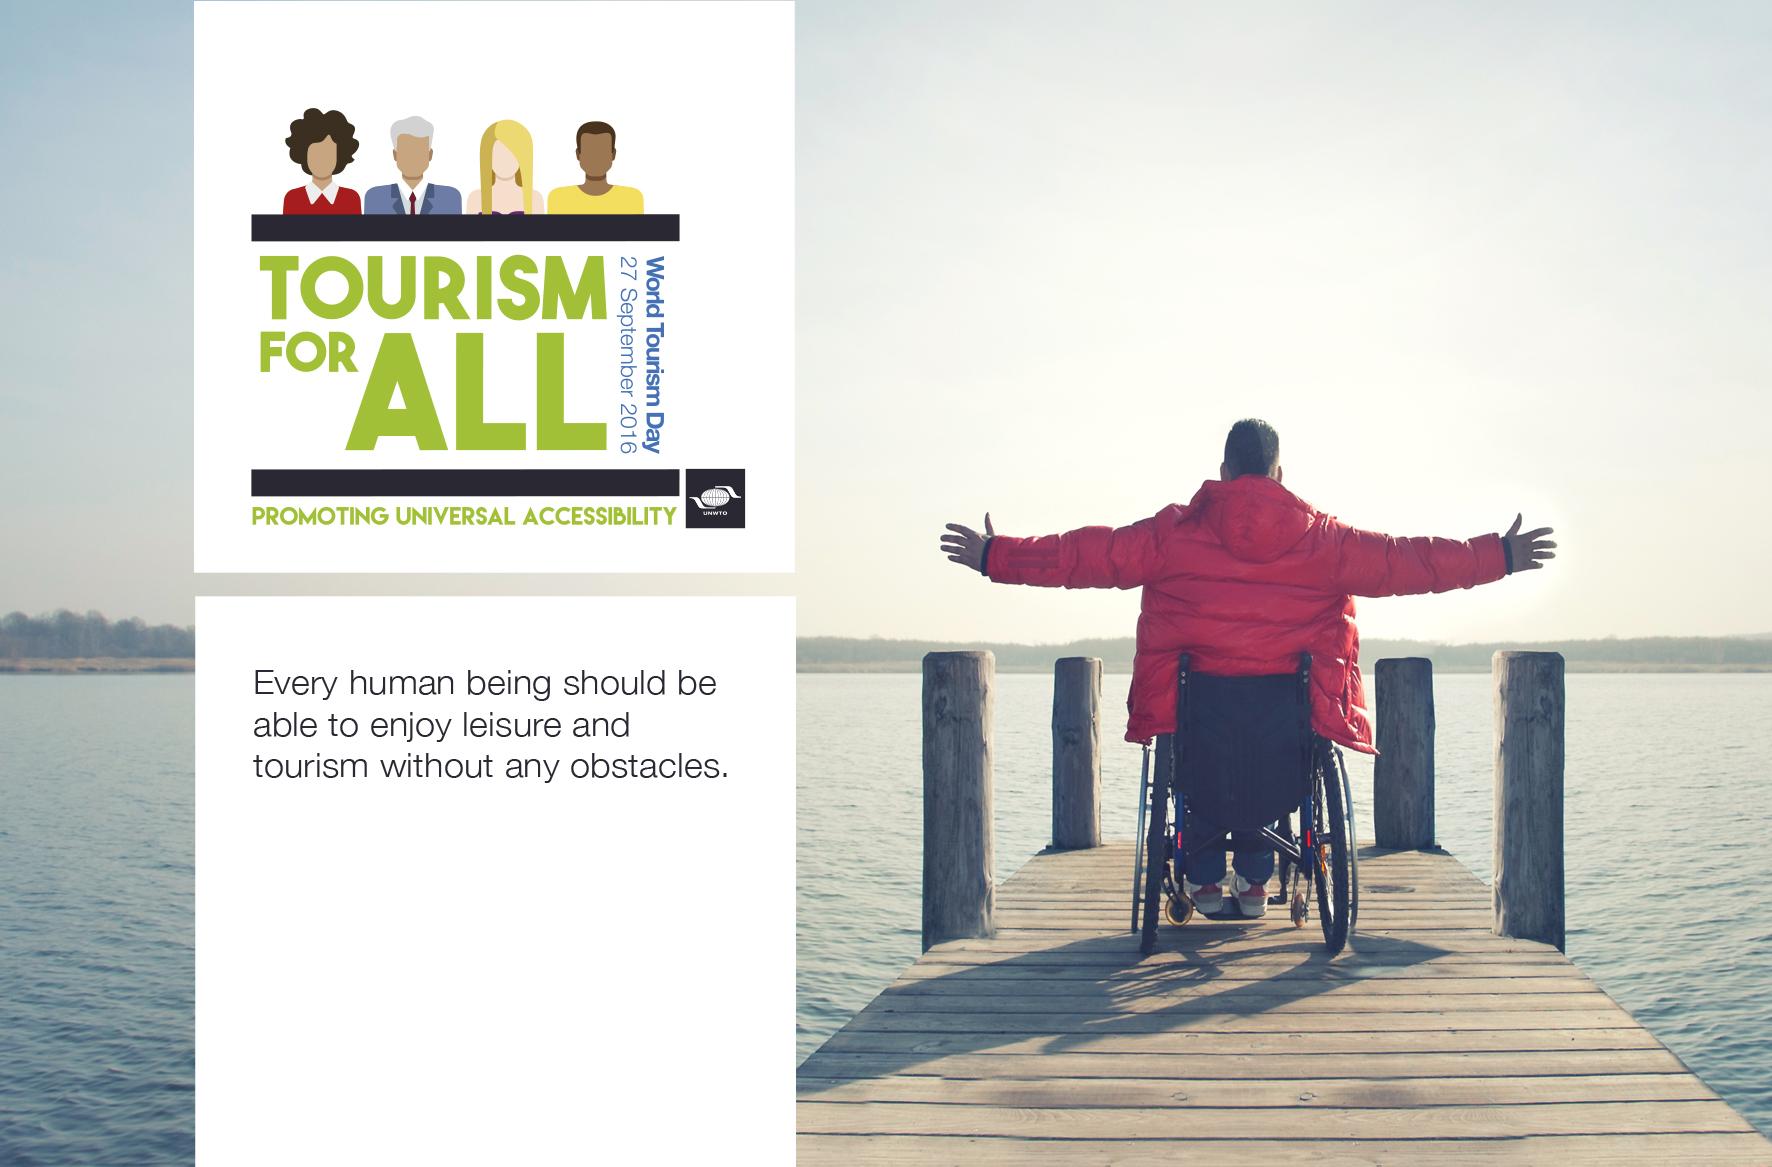 Wtd_2016_tourism_for_all_social_media_image_i_en